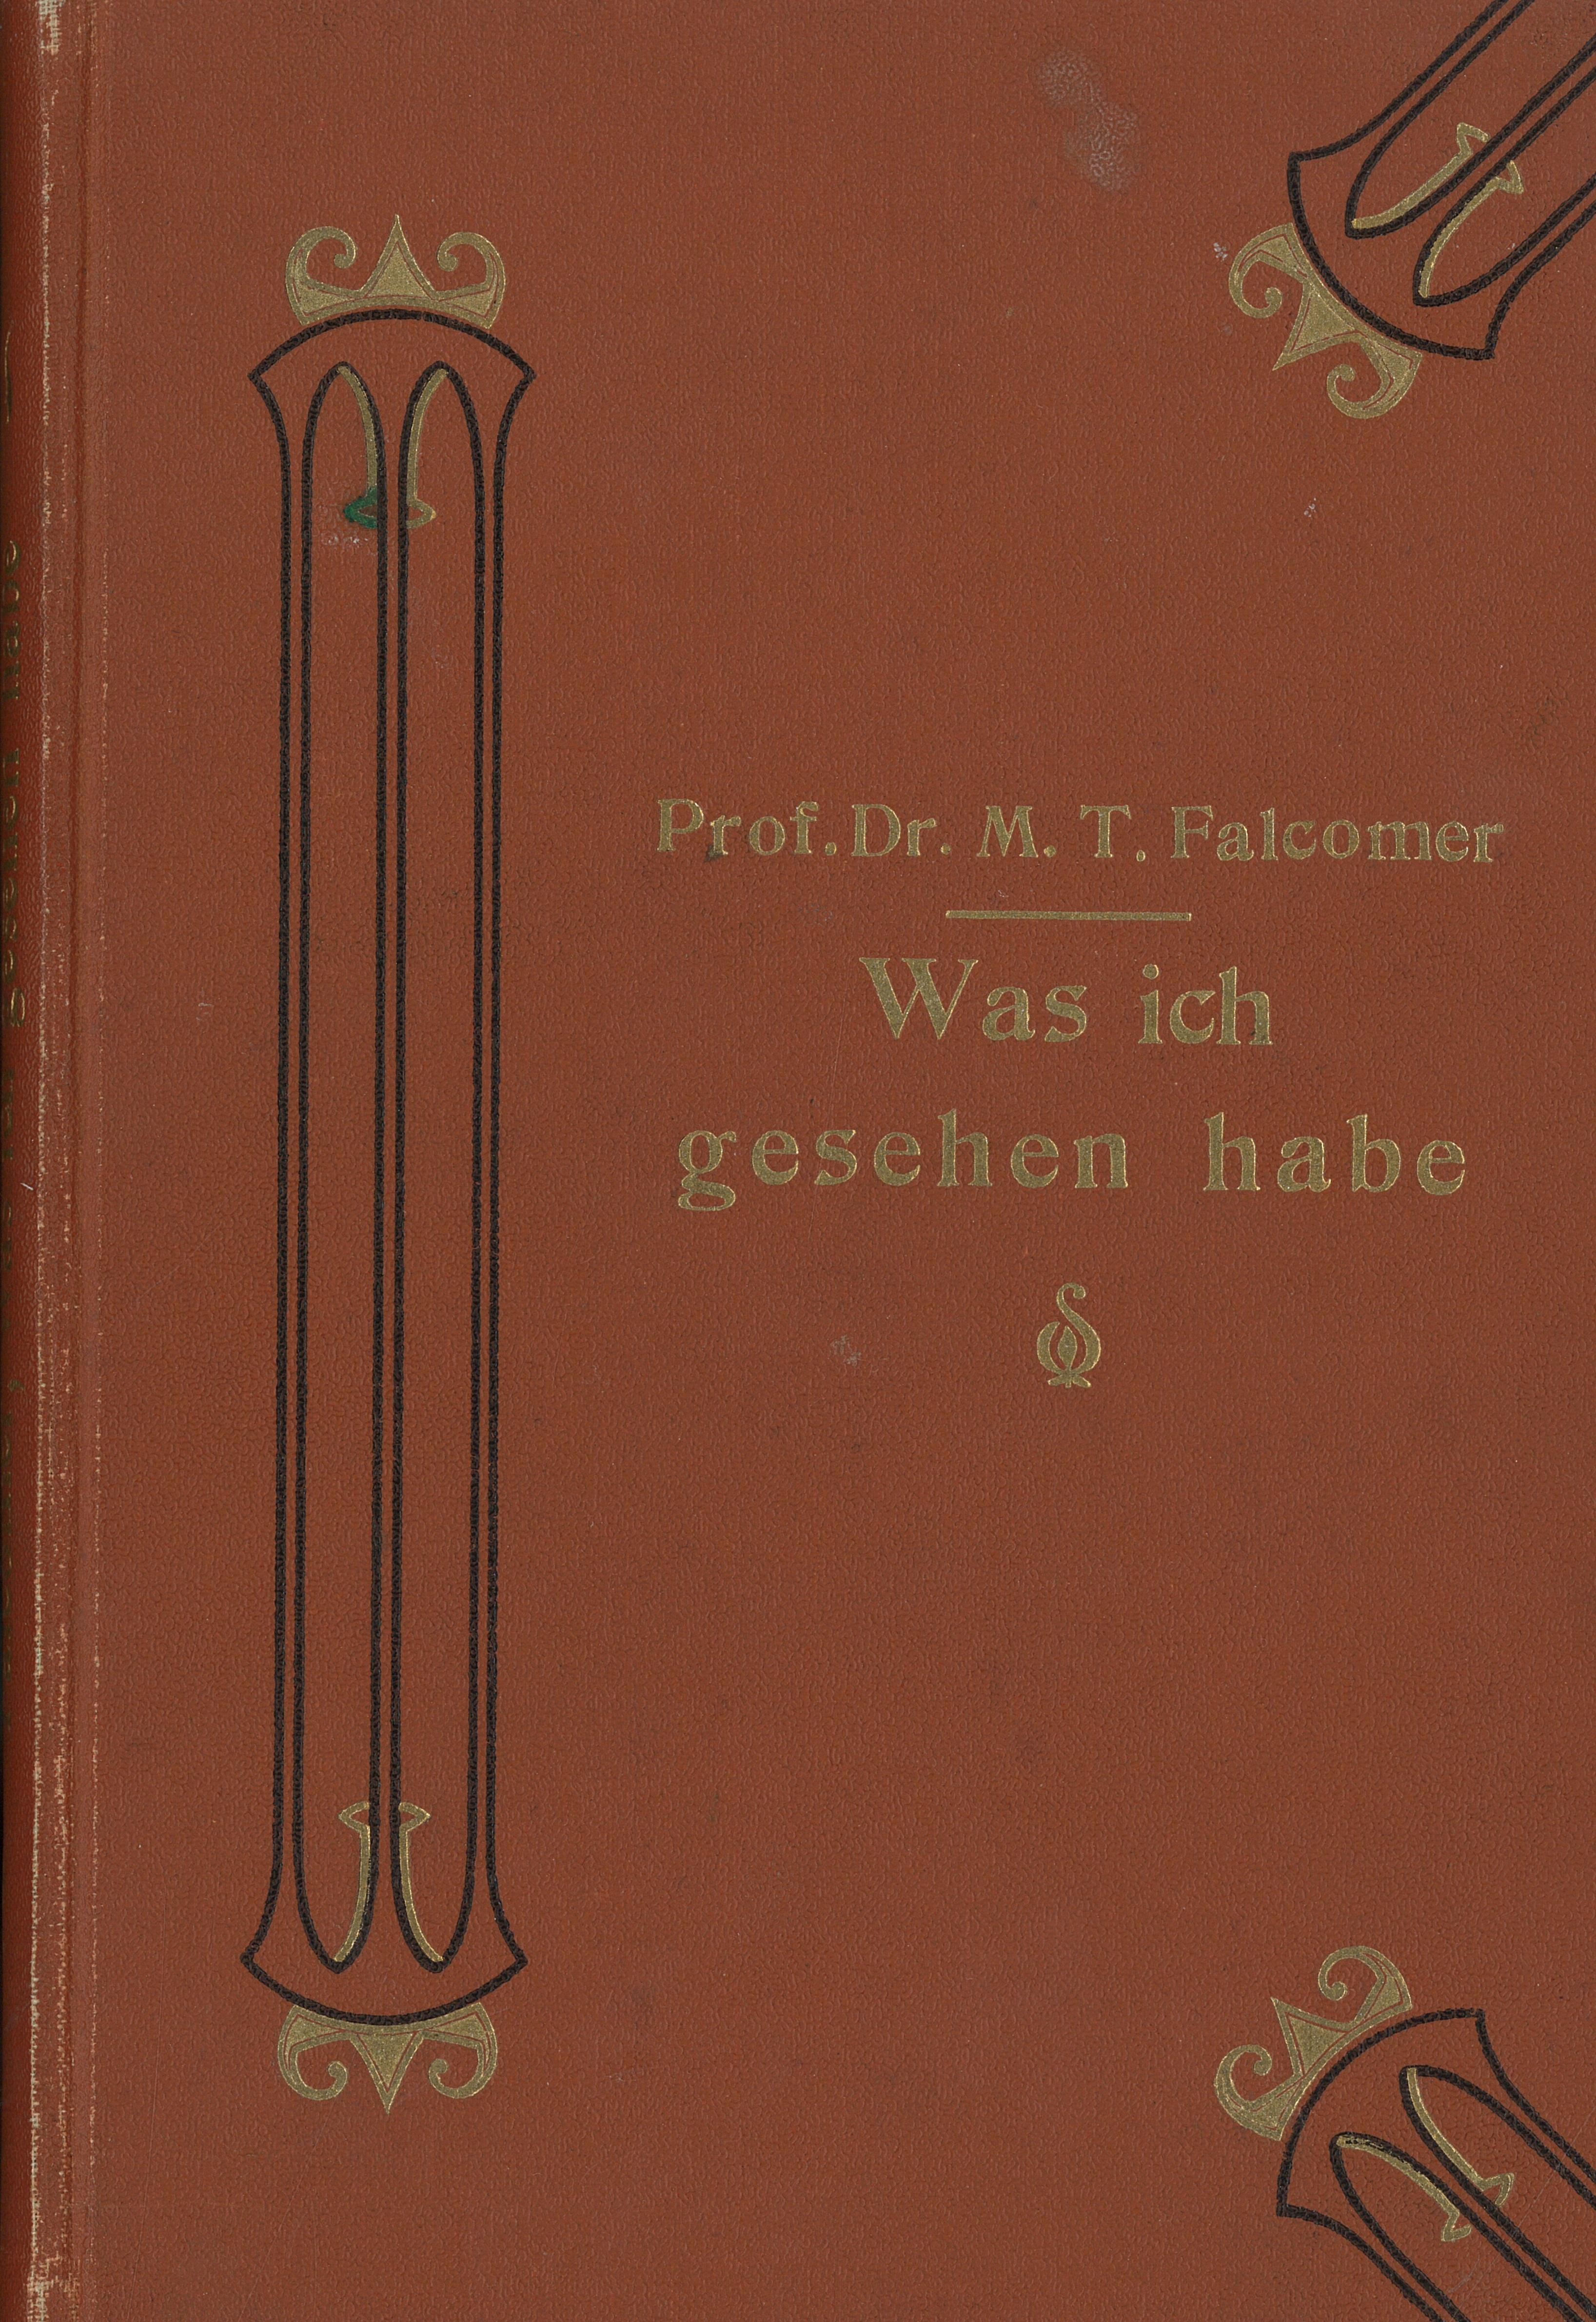 Was ich gesehen habe - Eigene Forschungen auf dem gelichteten Gebiet der weniger bekannten menschlichen Fähigkeiten, Autor: Prof. Dr. Markus Tullius Falcomer, Verlag: Oswald Mutze, Leipzig 1901